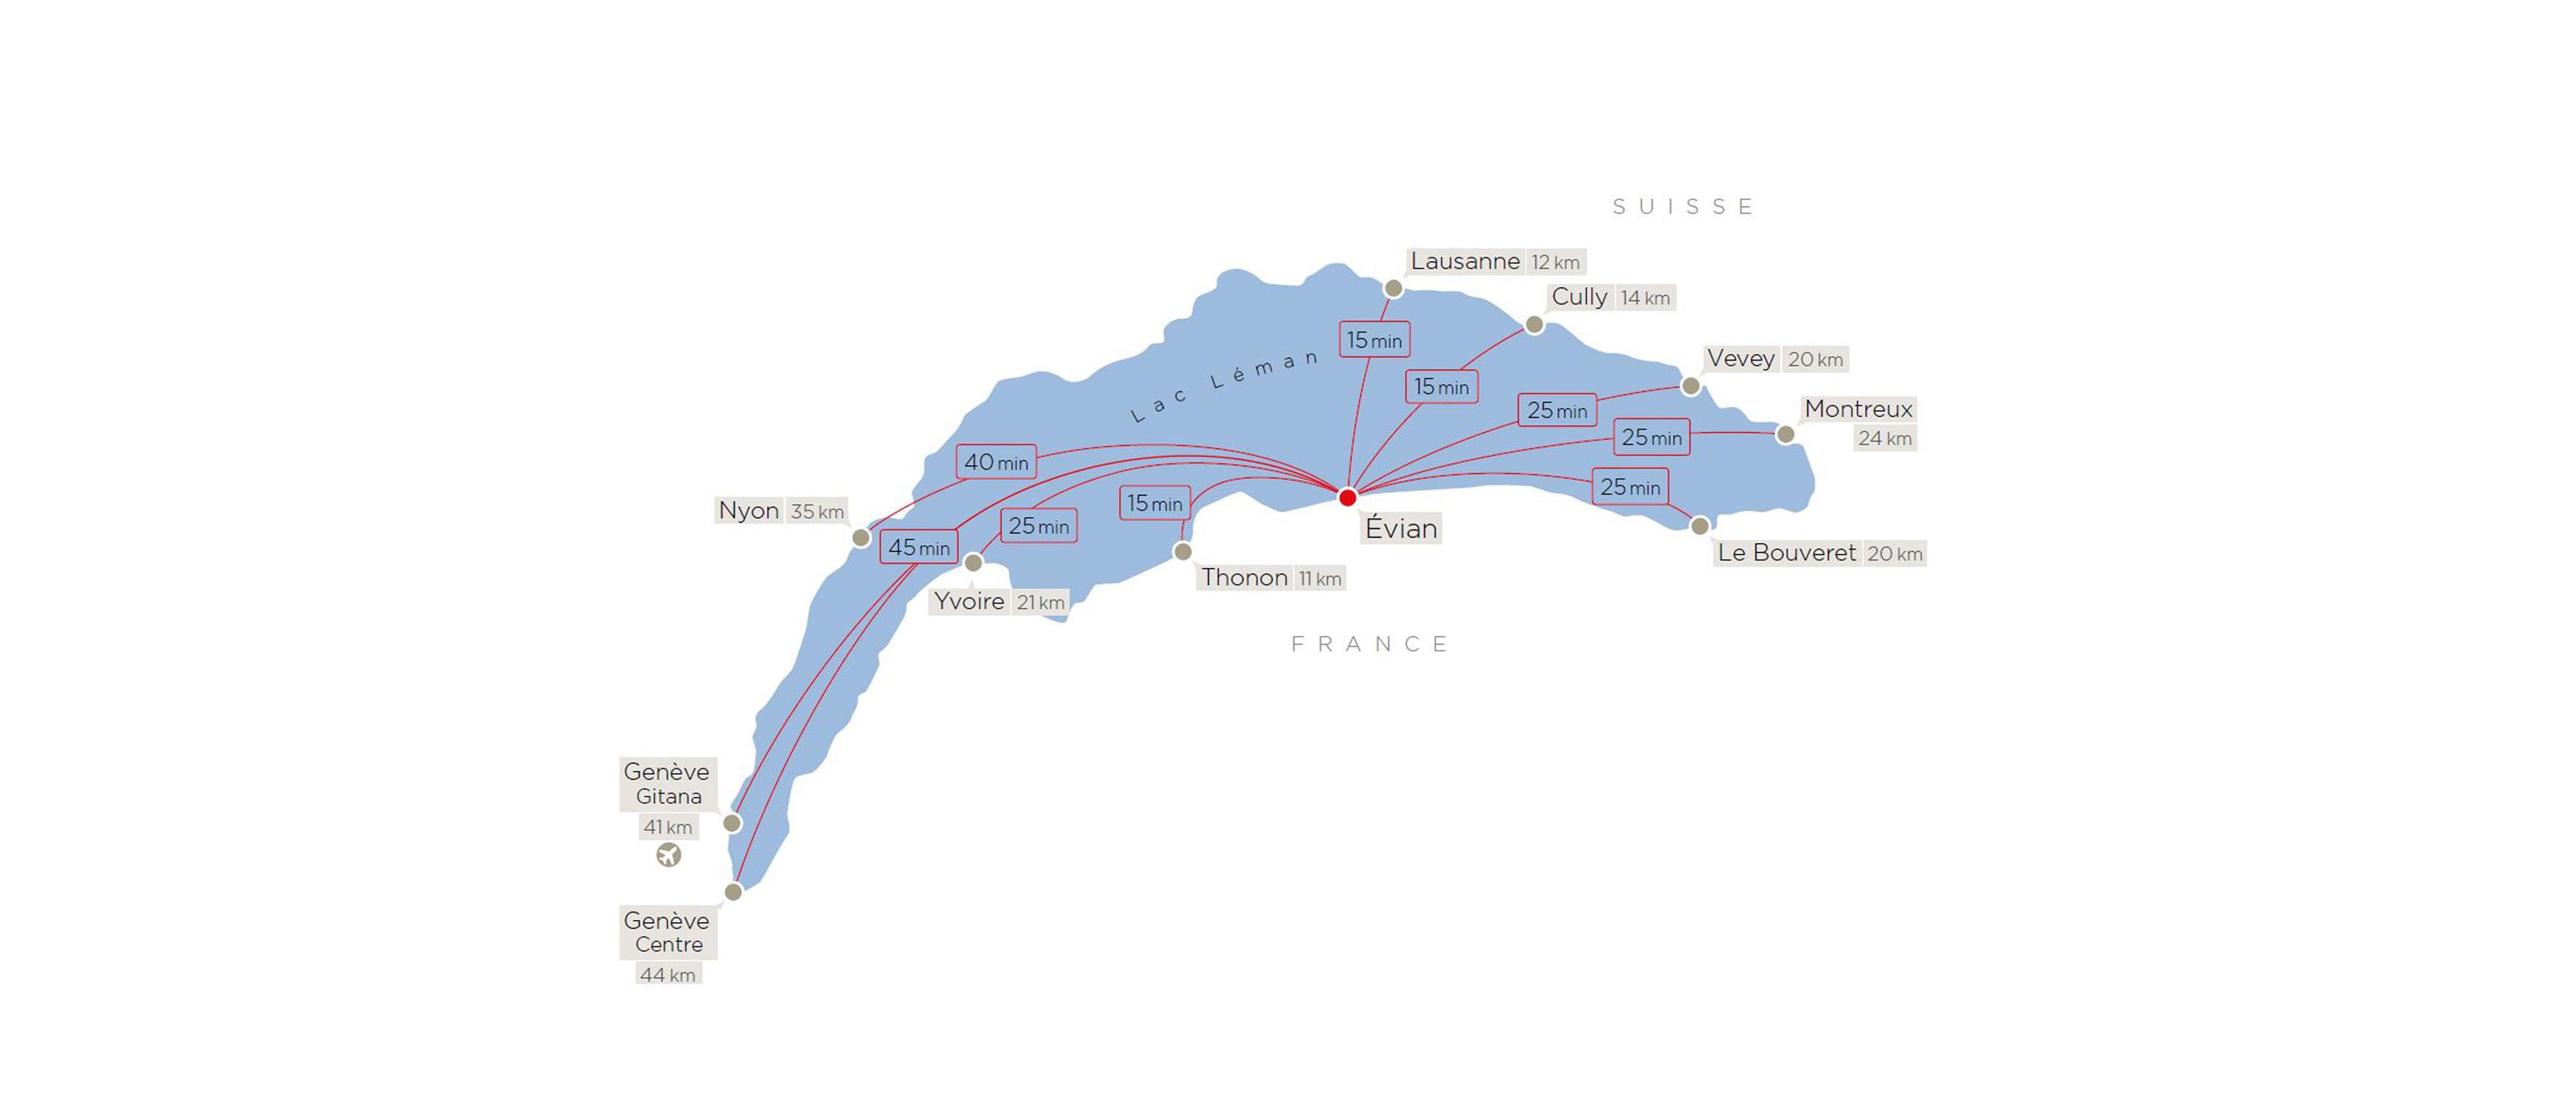 L Evian One peut embarquer jusqu à 8 personnes avec bagage et navigue sur  réservation tous les jours 24h 24h. Possibilité d autres points d amarrage  sur ... 06421ab7645